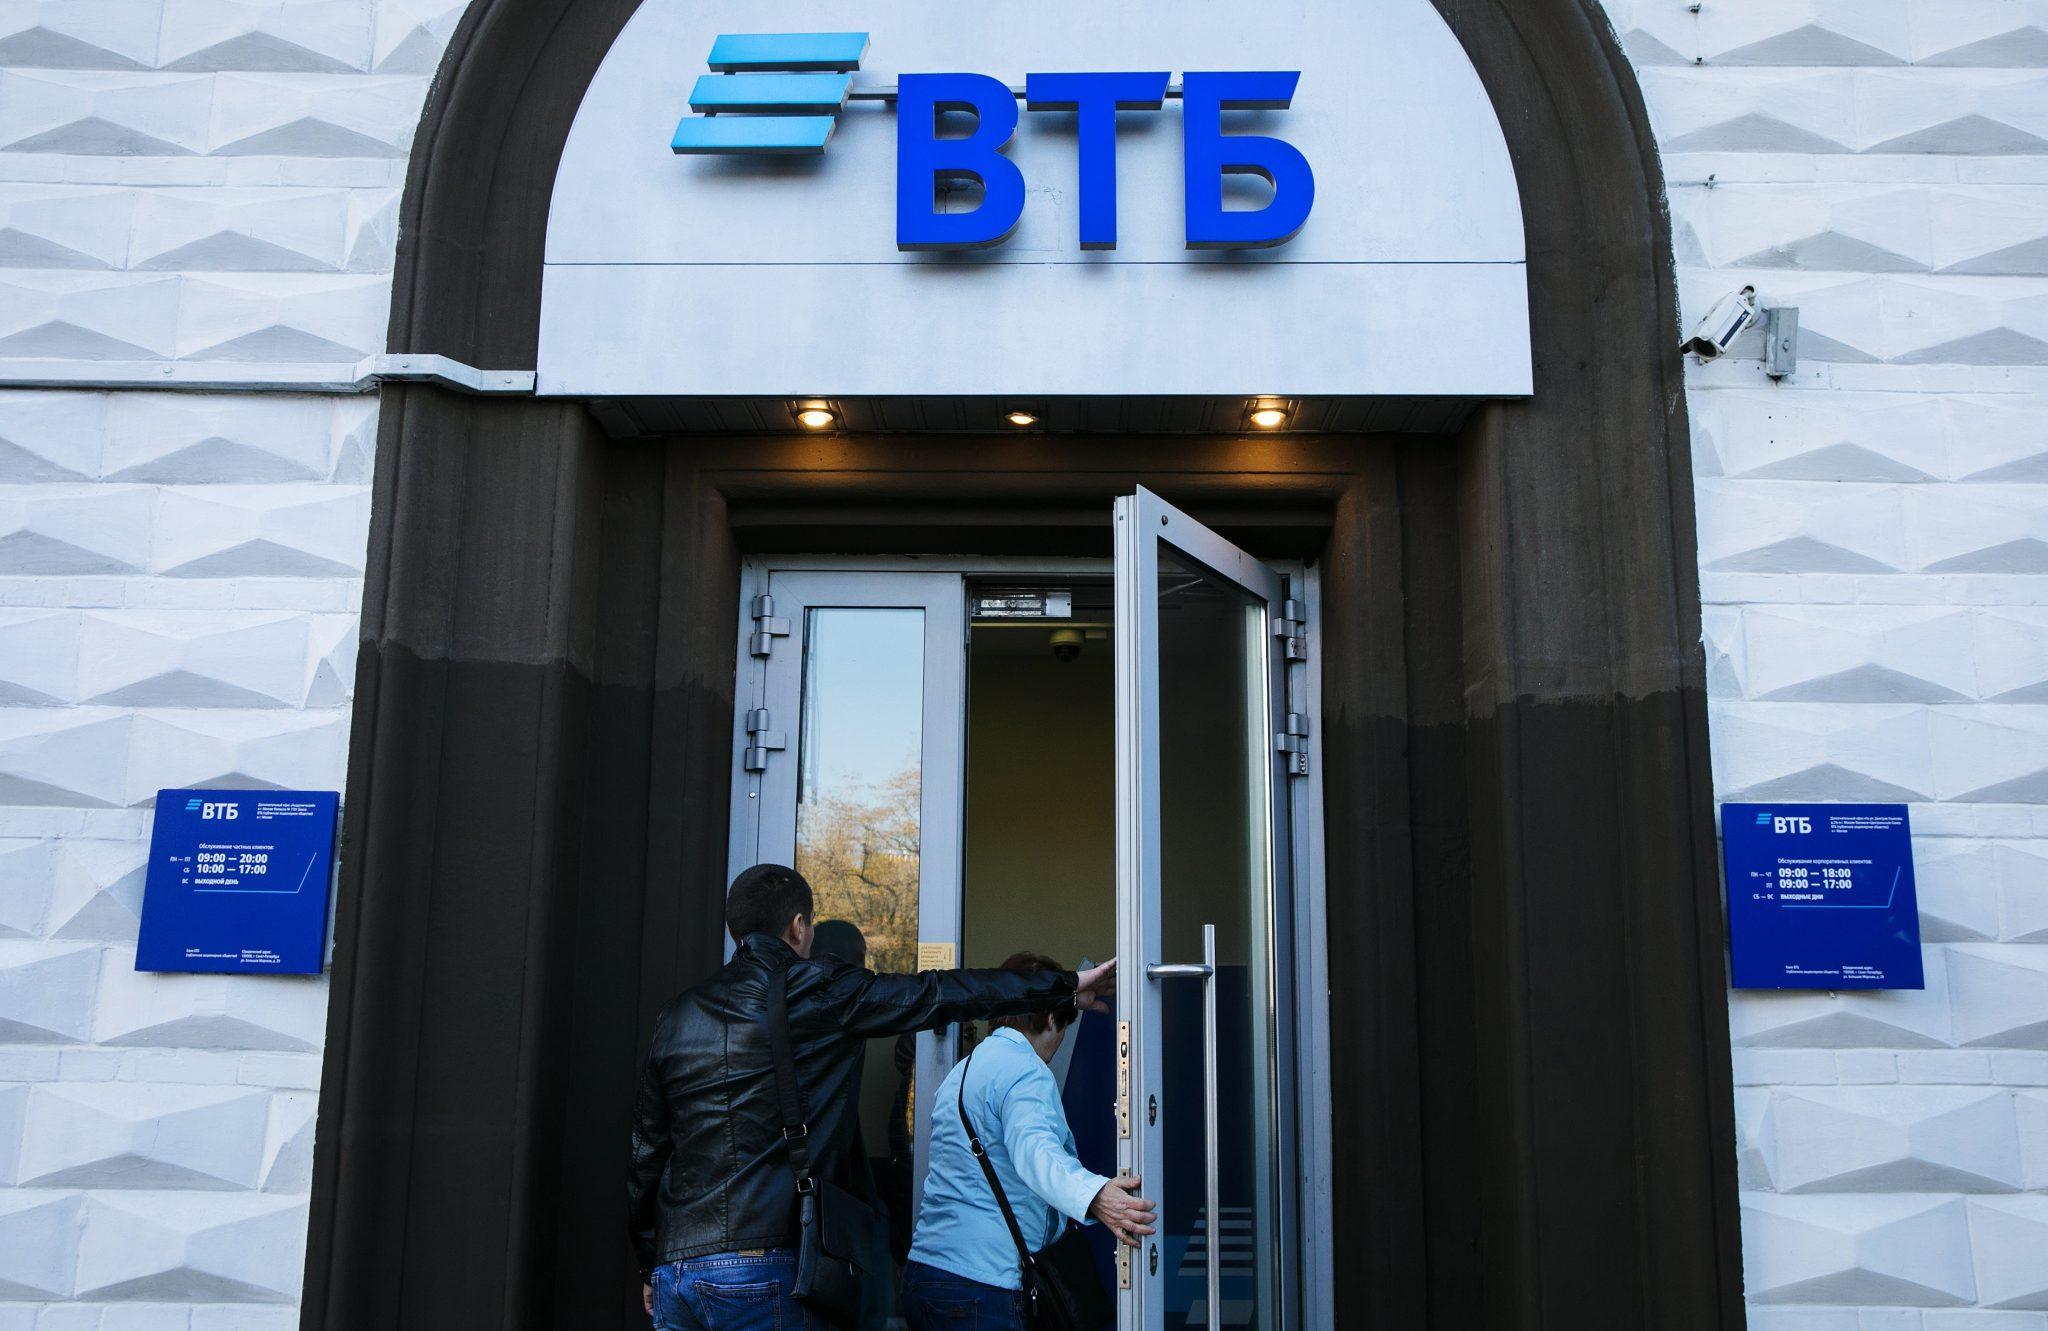 ВТБ: выдачи ипотеки уже превысили значения всего 2019 года - новости Афанасий